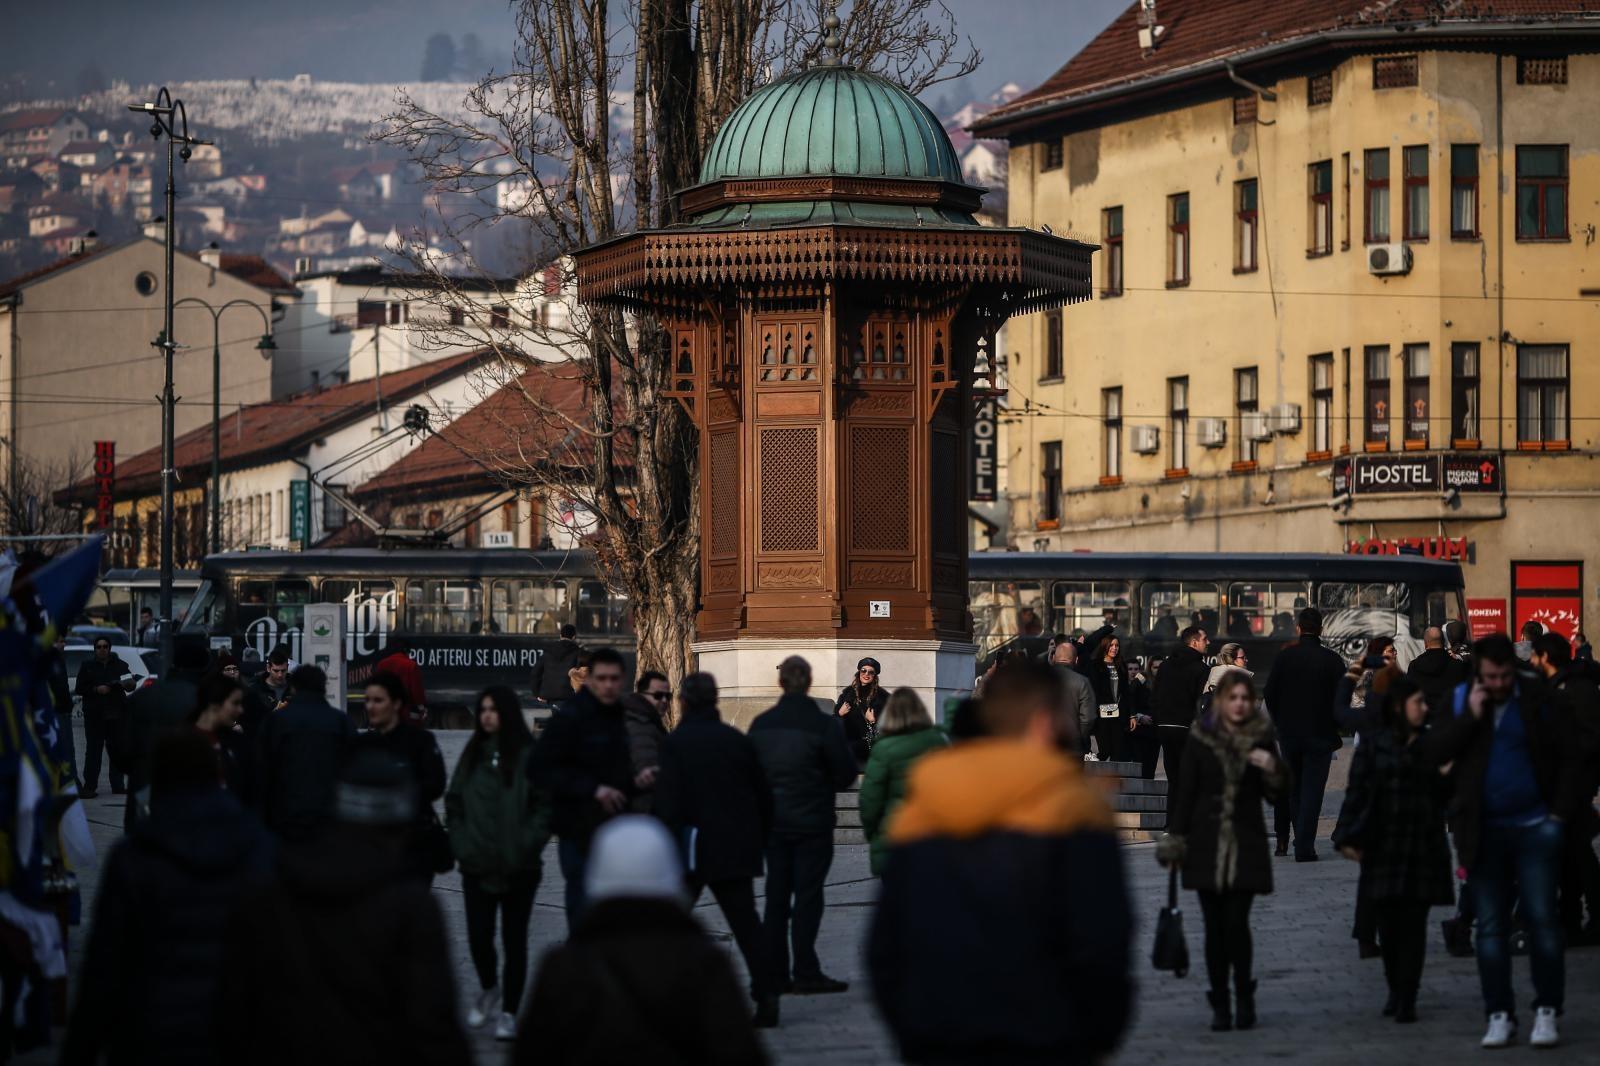 Visoki dužnosnik SDA  odnos Hrvatske prema BiH ocijenio neprijateljskim